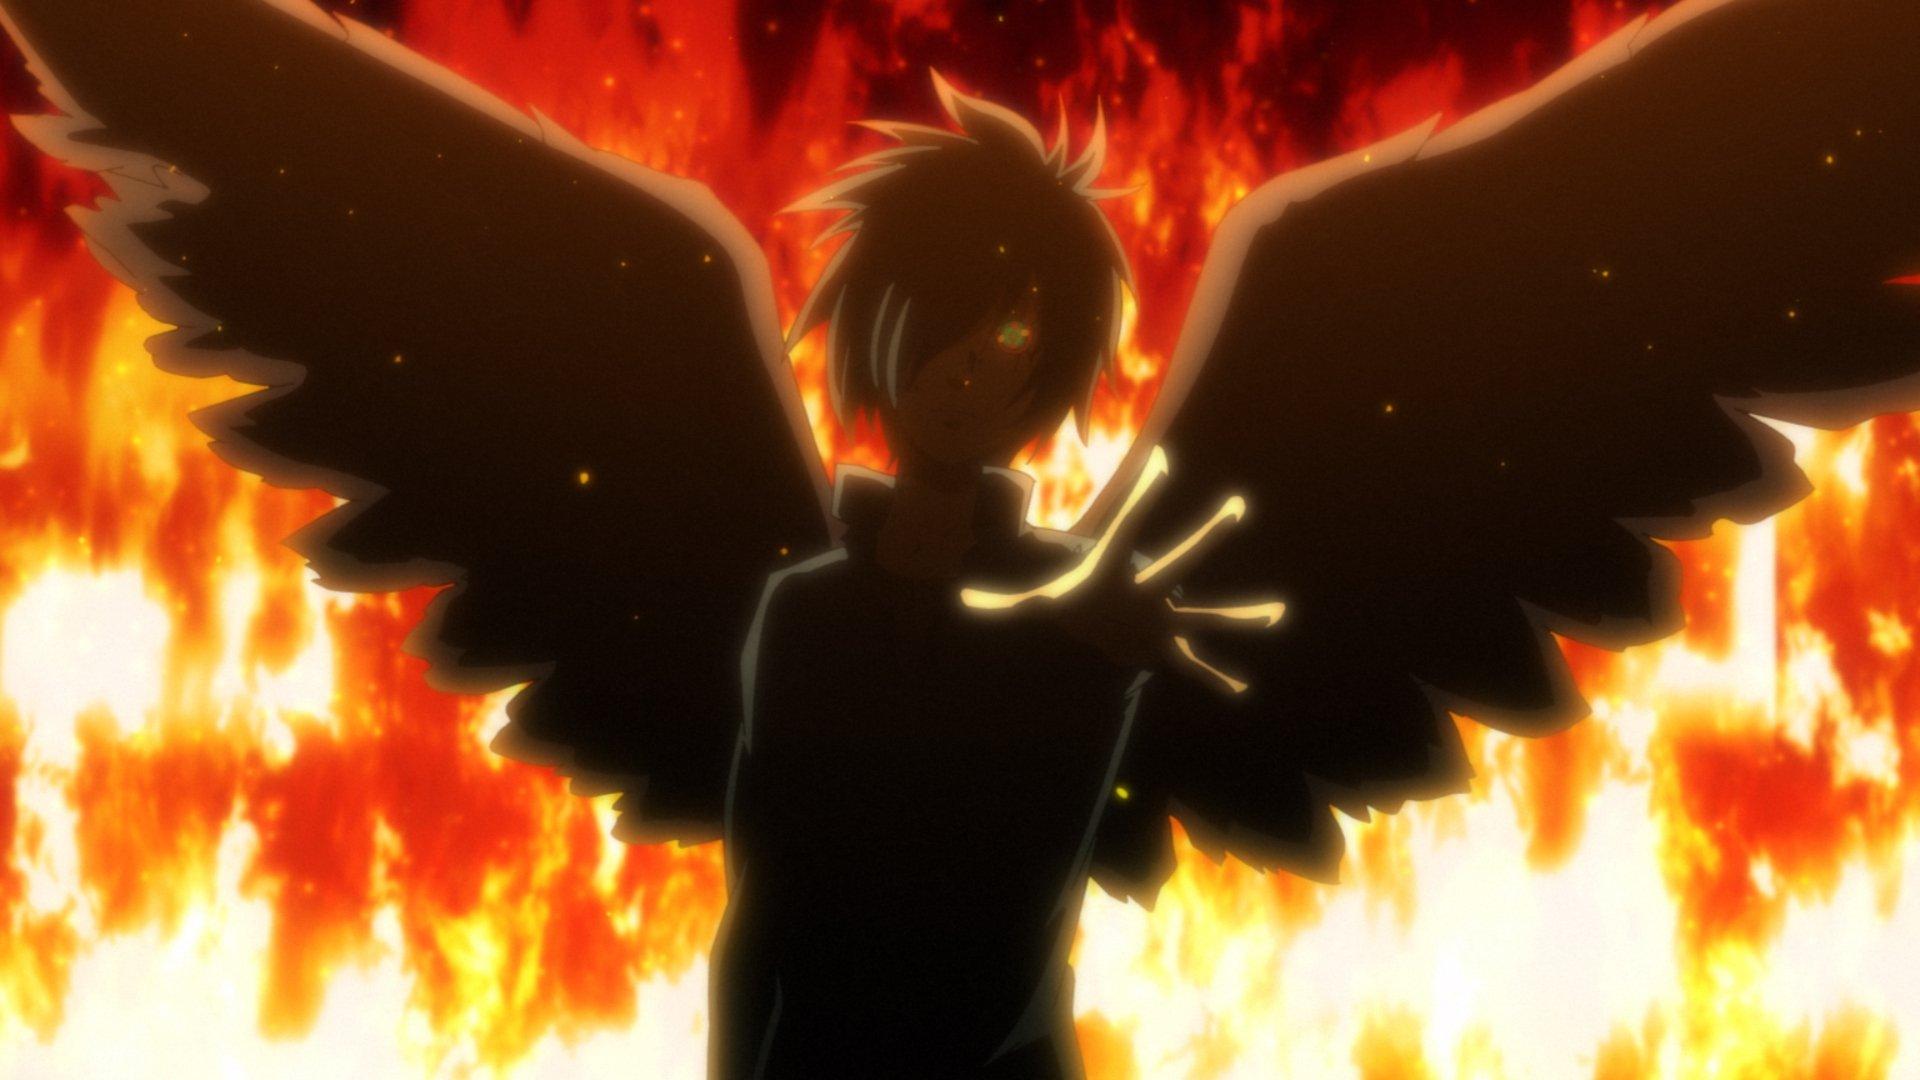 Imagen de B the Beginning con un ángel alzando el brazo y el fondo en llamas.